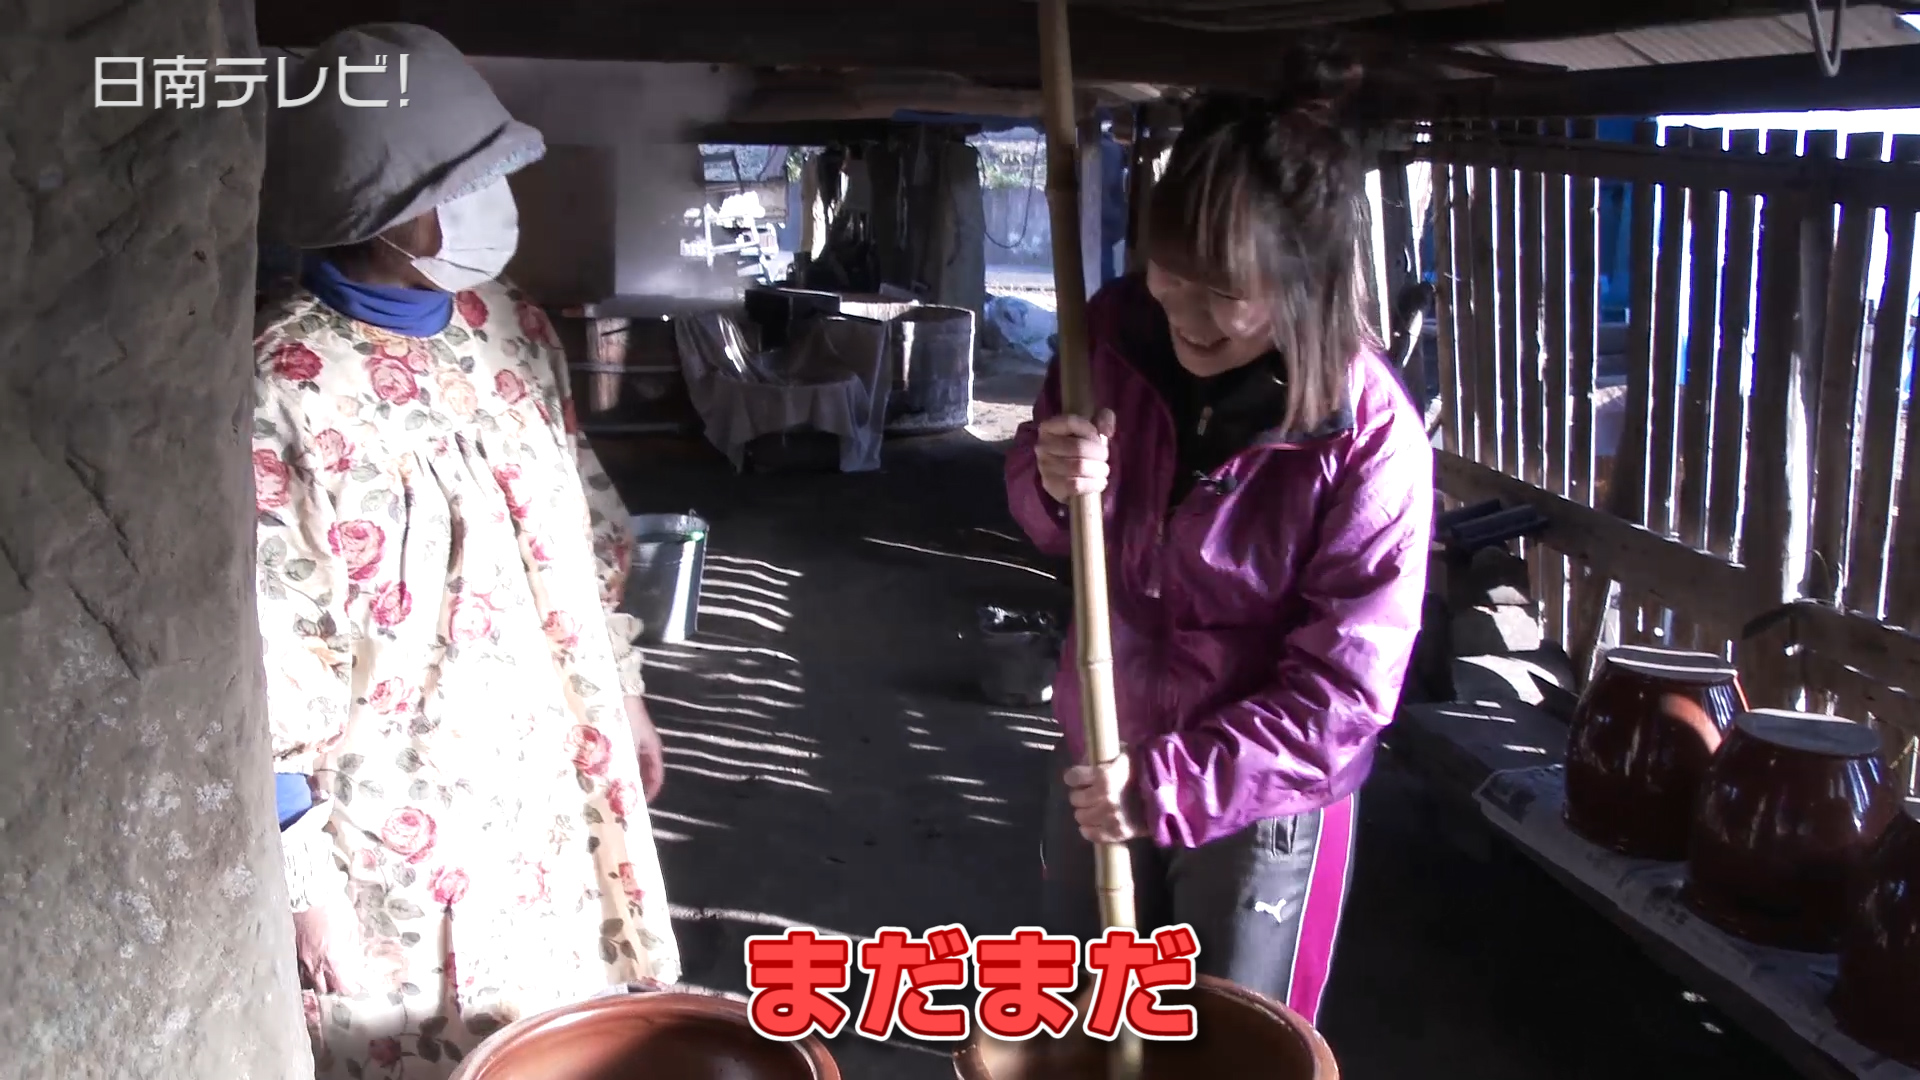 伝統製法「さとねり」を体験!